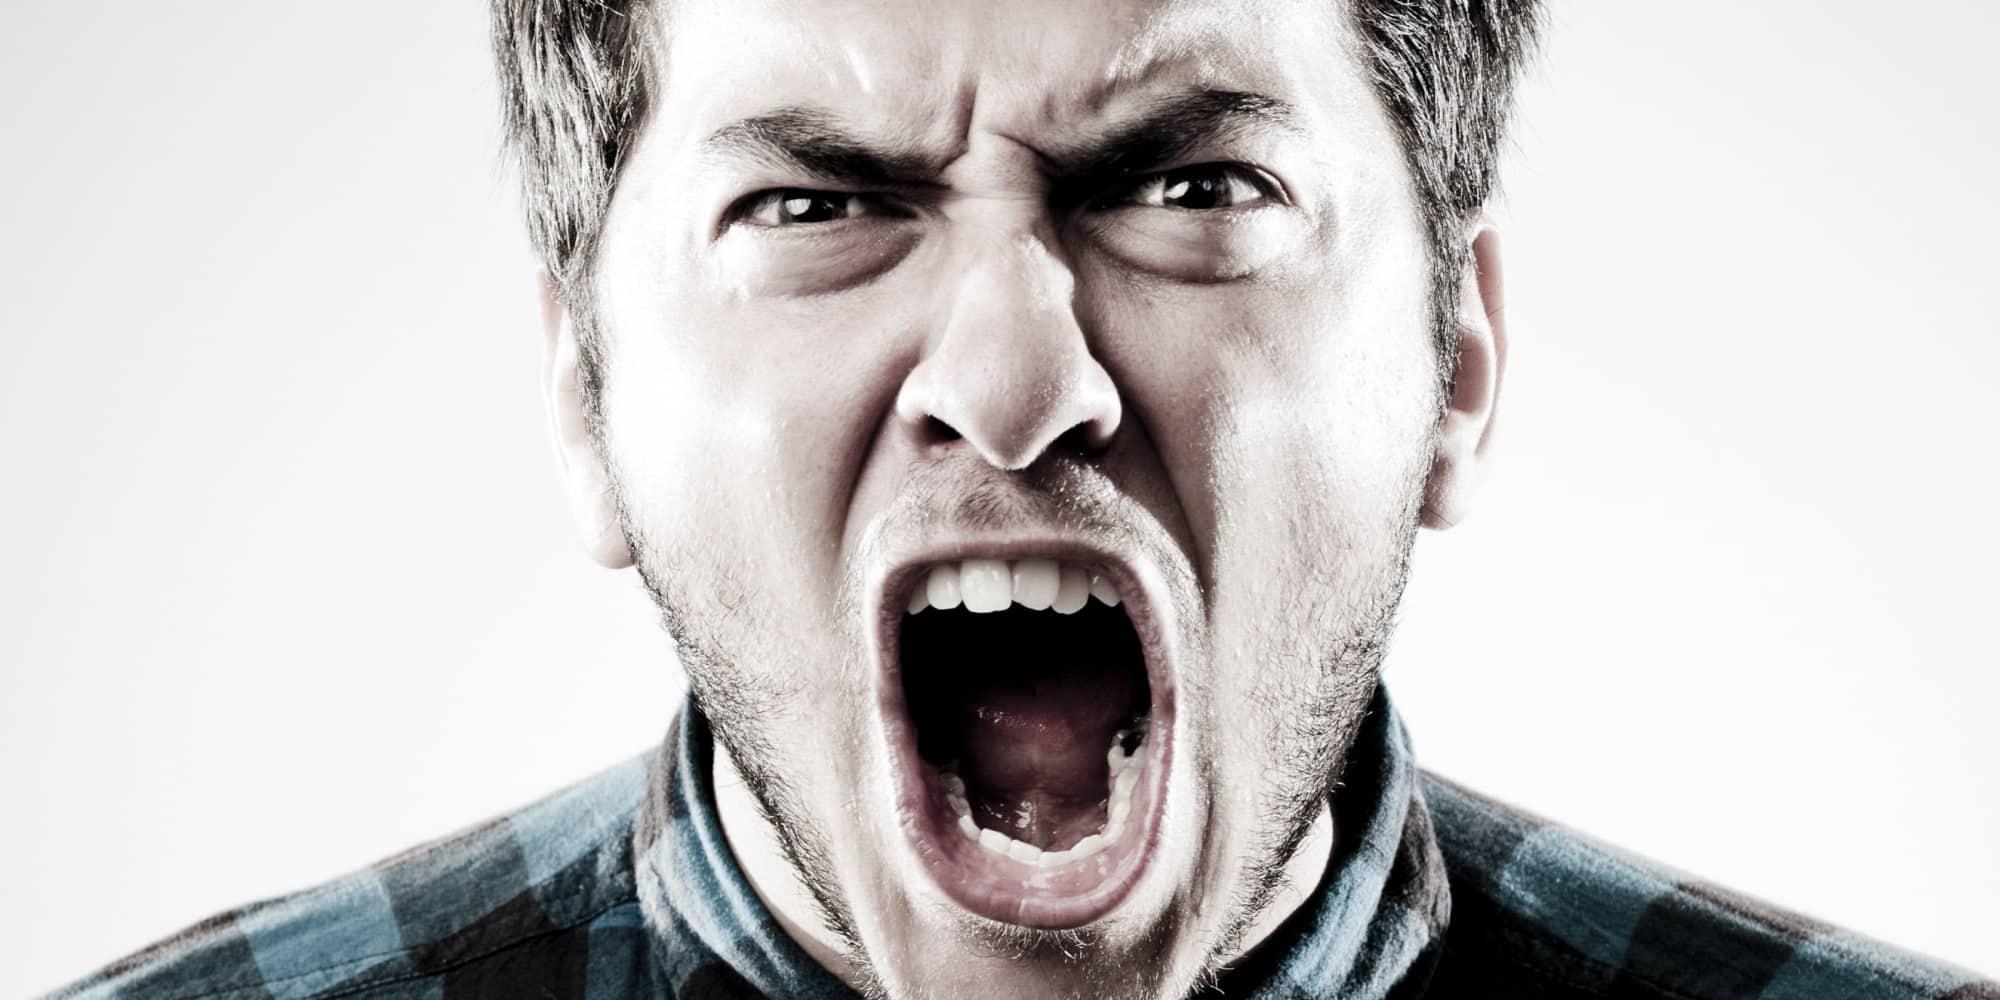 عصبانیت و بالابردن صدا امکان سکته قلبی را افزایش میدهد